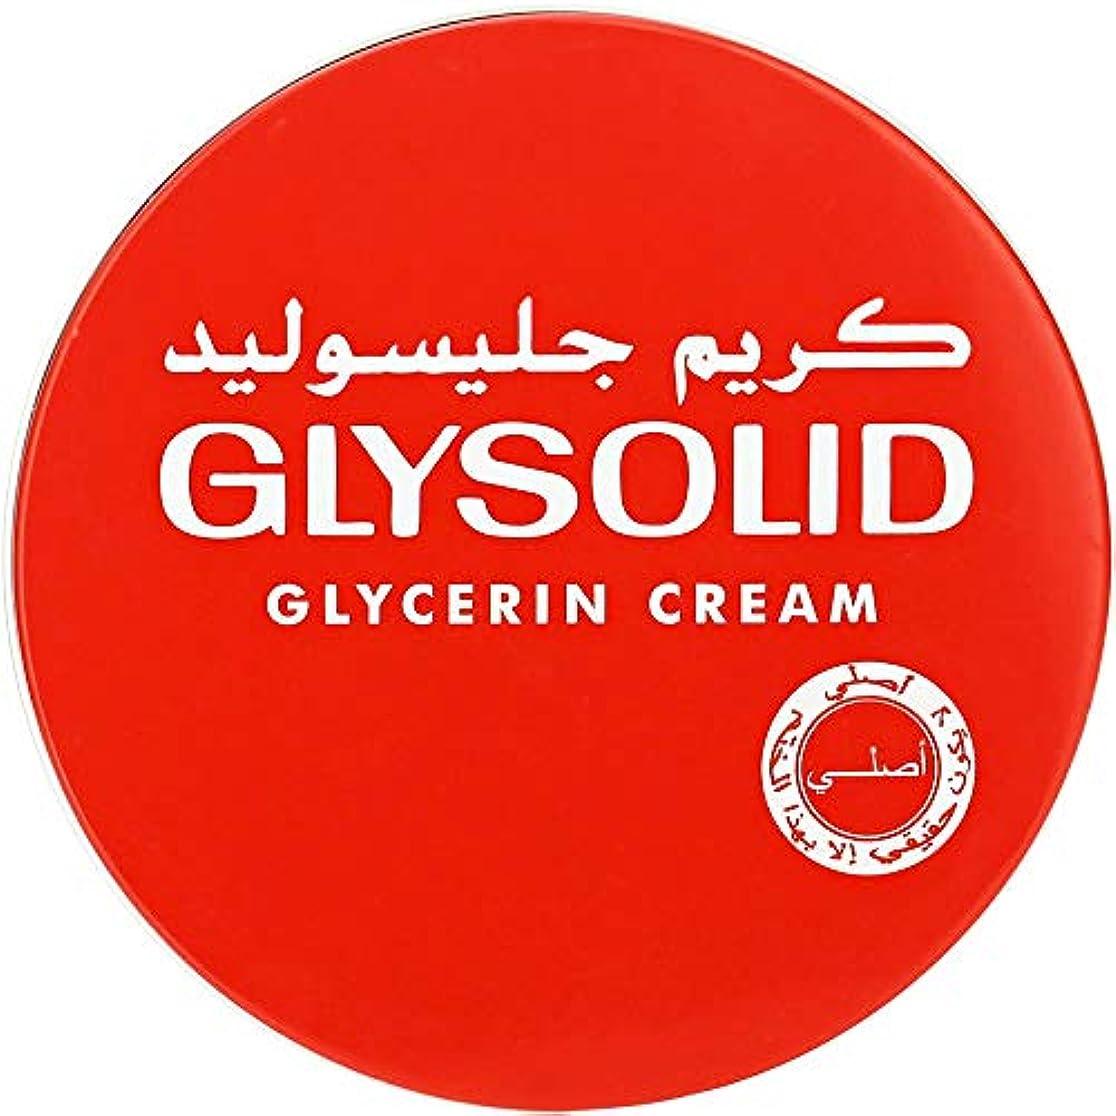 タップ経度嬉しいですGlysolid Cream Face Moisturizers For Dry Skin Hands Feet Elbow Body Softening With Glycerin Keeping Your Skin...